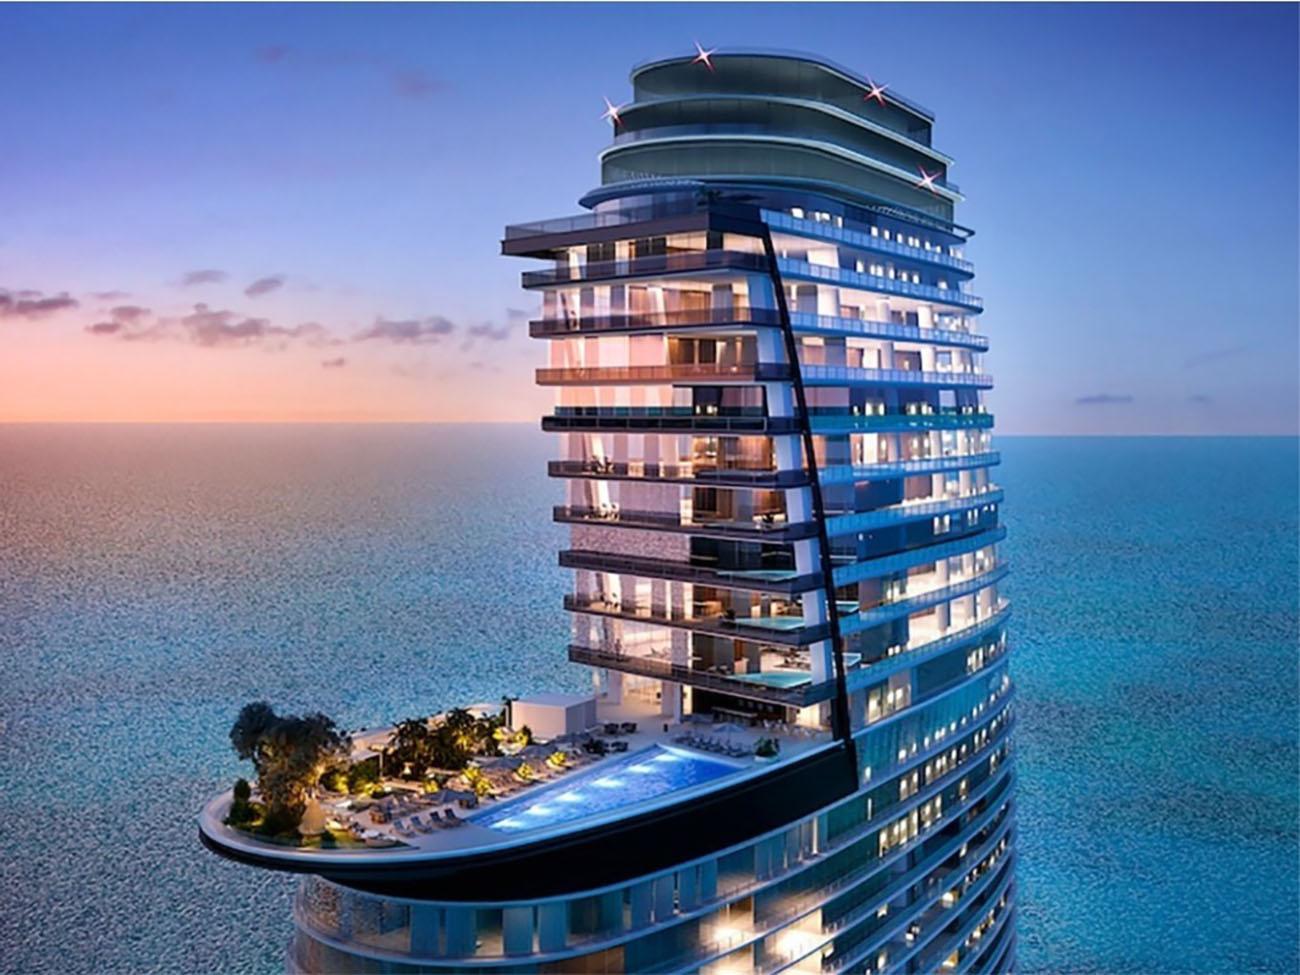 Μέσα στον ουρανοξύστη των 66 ορόφων της Aston Martin στο Μαϊάμι